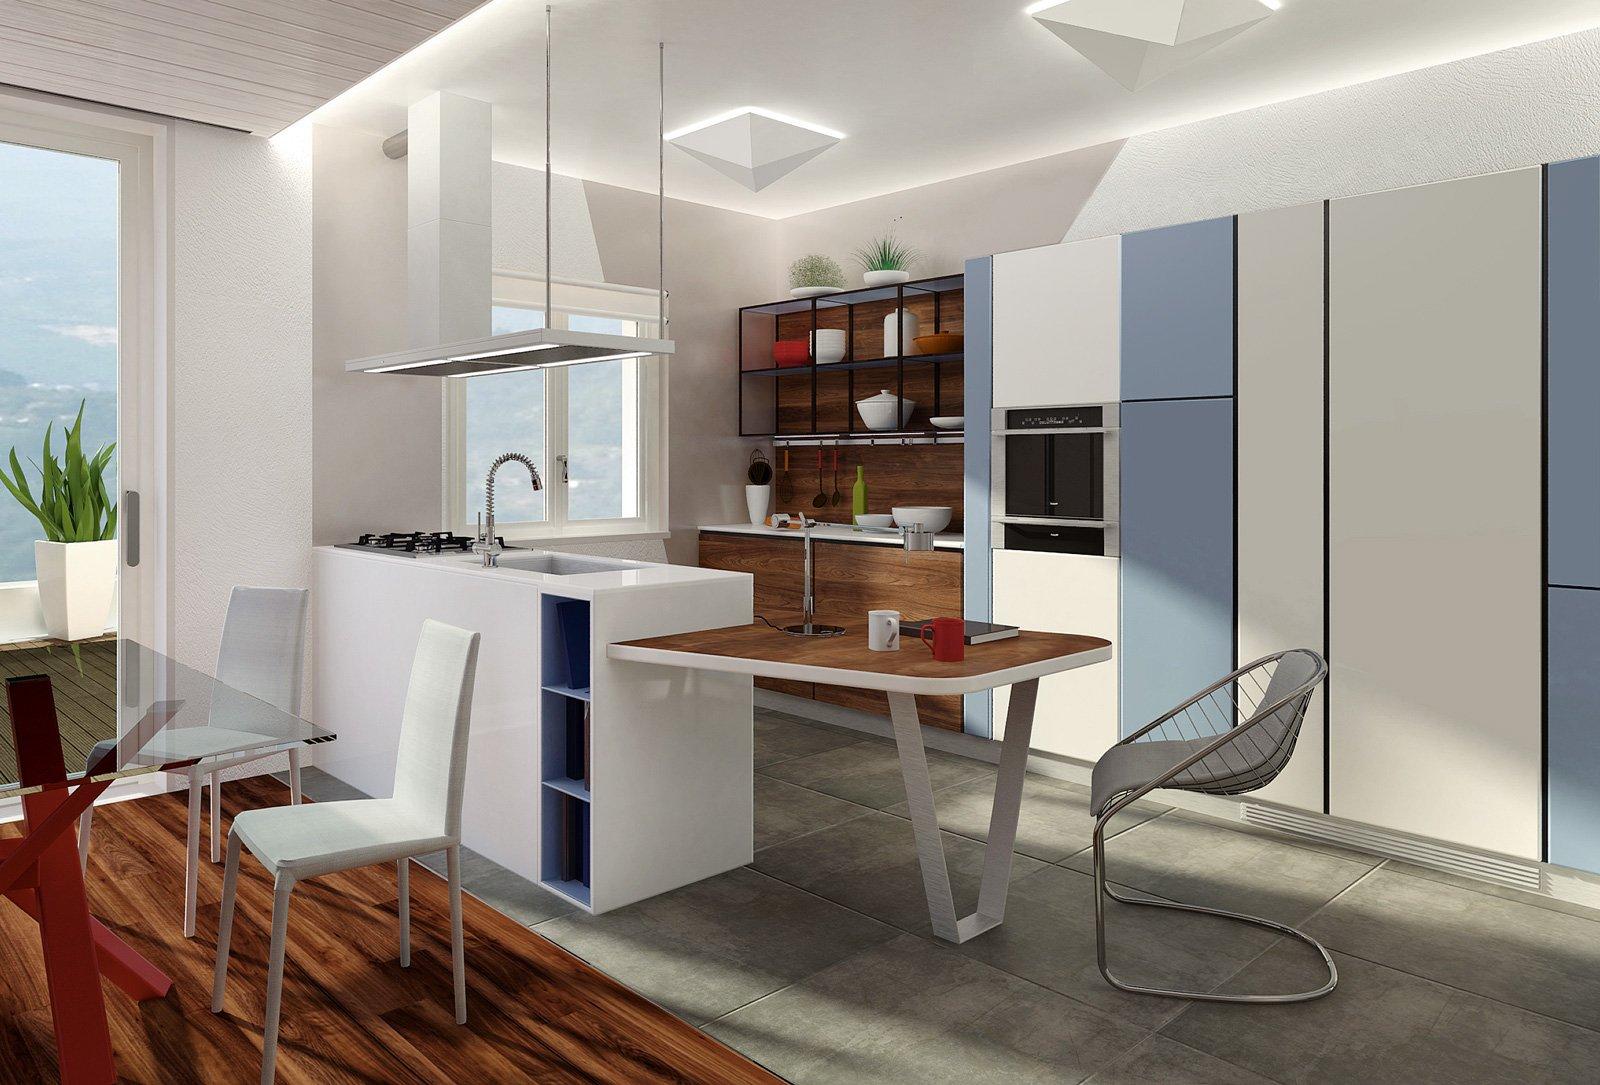 Progetti cucina due soluzioni per 7 mq cose di casa - Cucina 10 mq ...